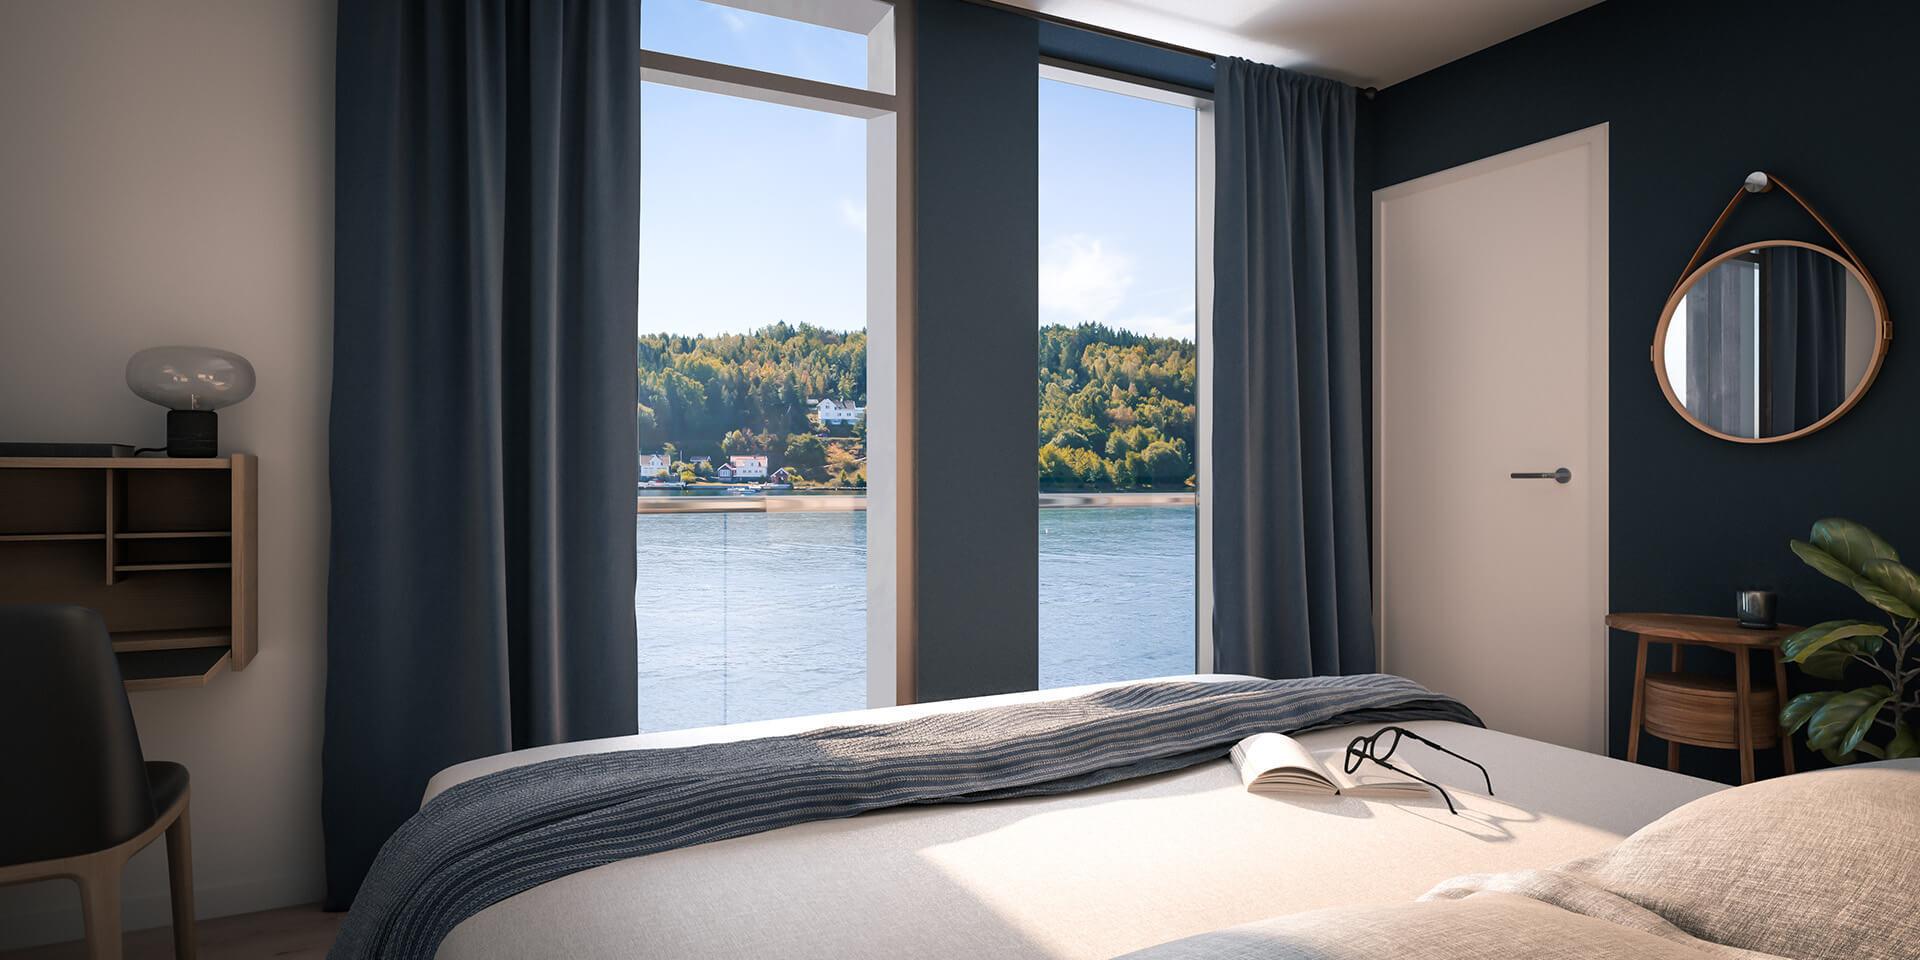 På soverommet i B 201 kan du våkne til utsikt over Tromøysund. (Illustrasjonbilde. Endringer kan forekomme.)